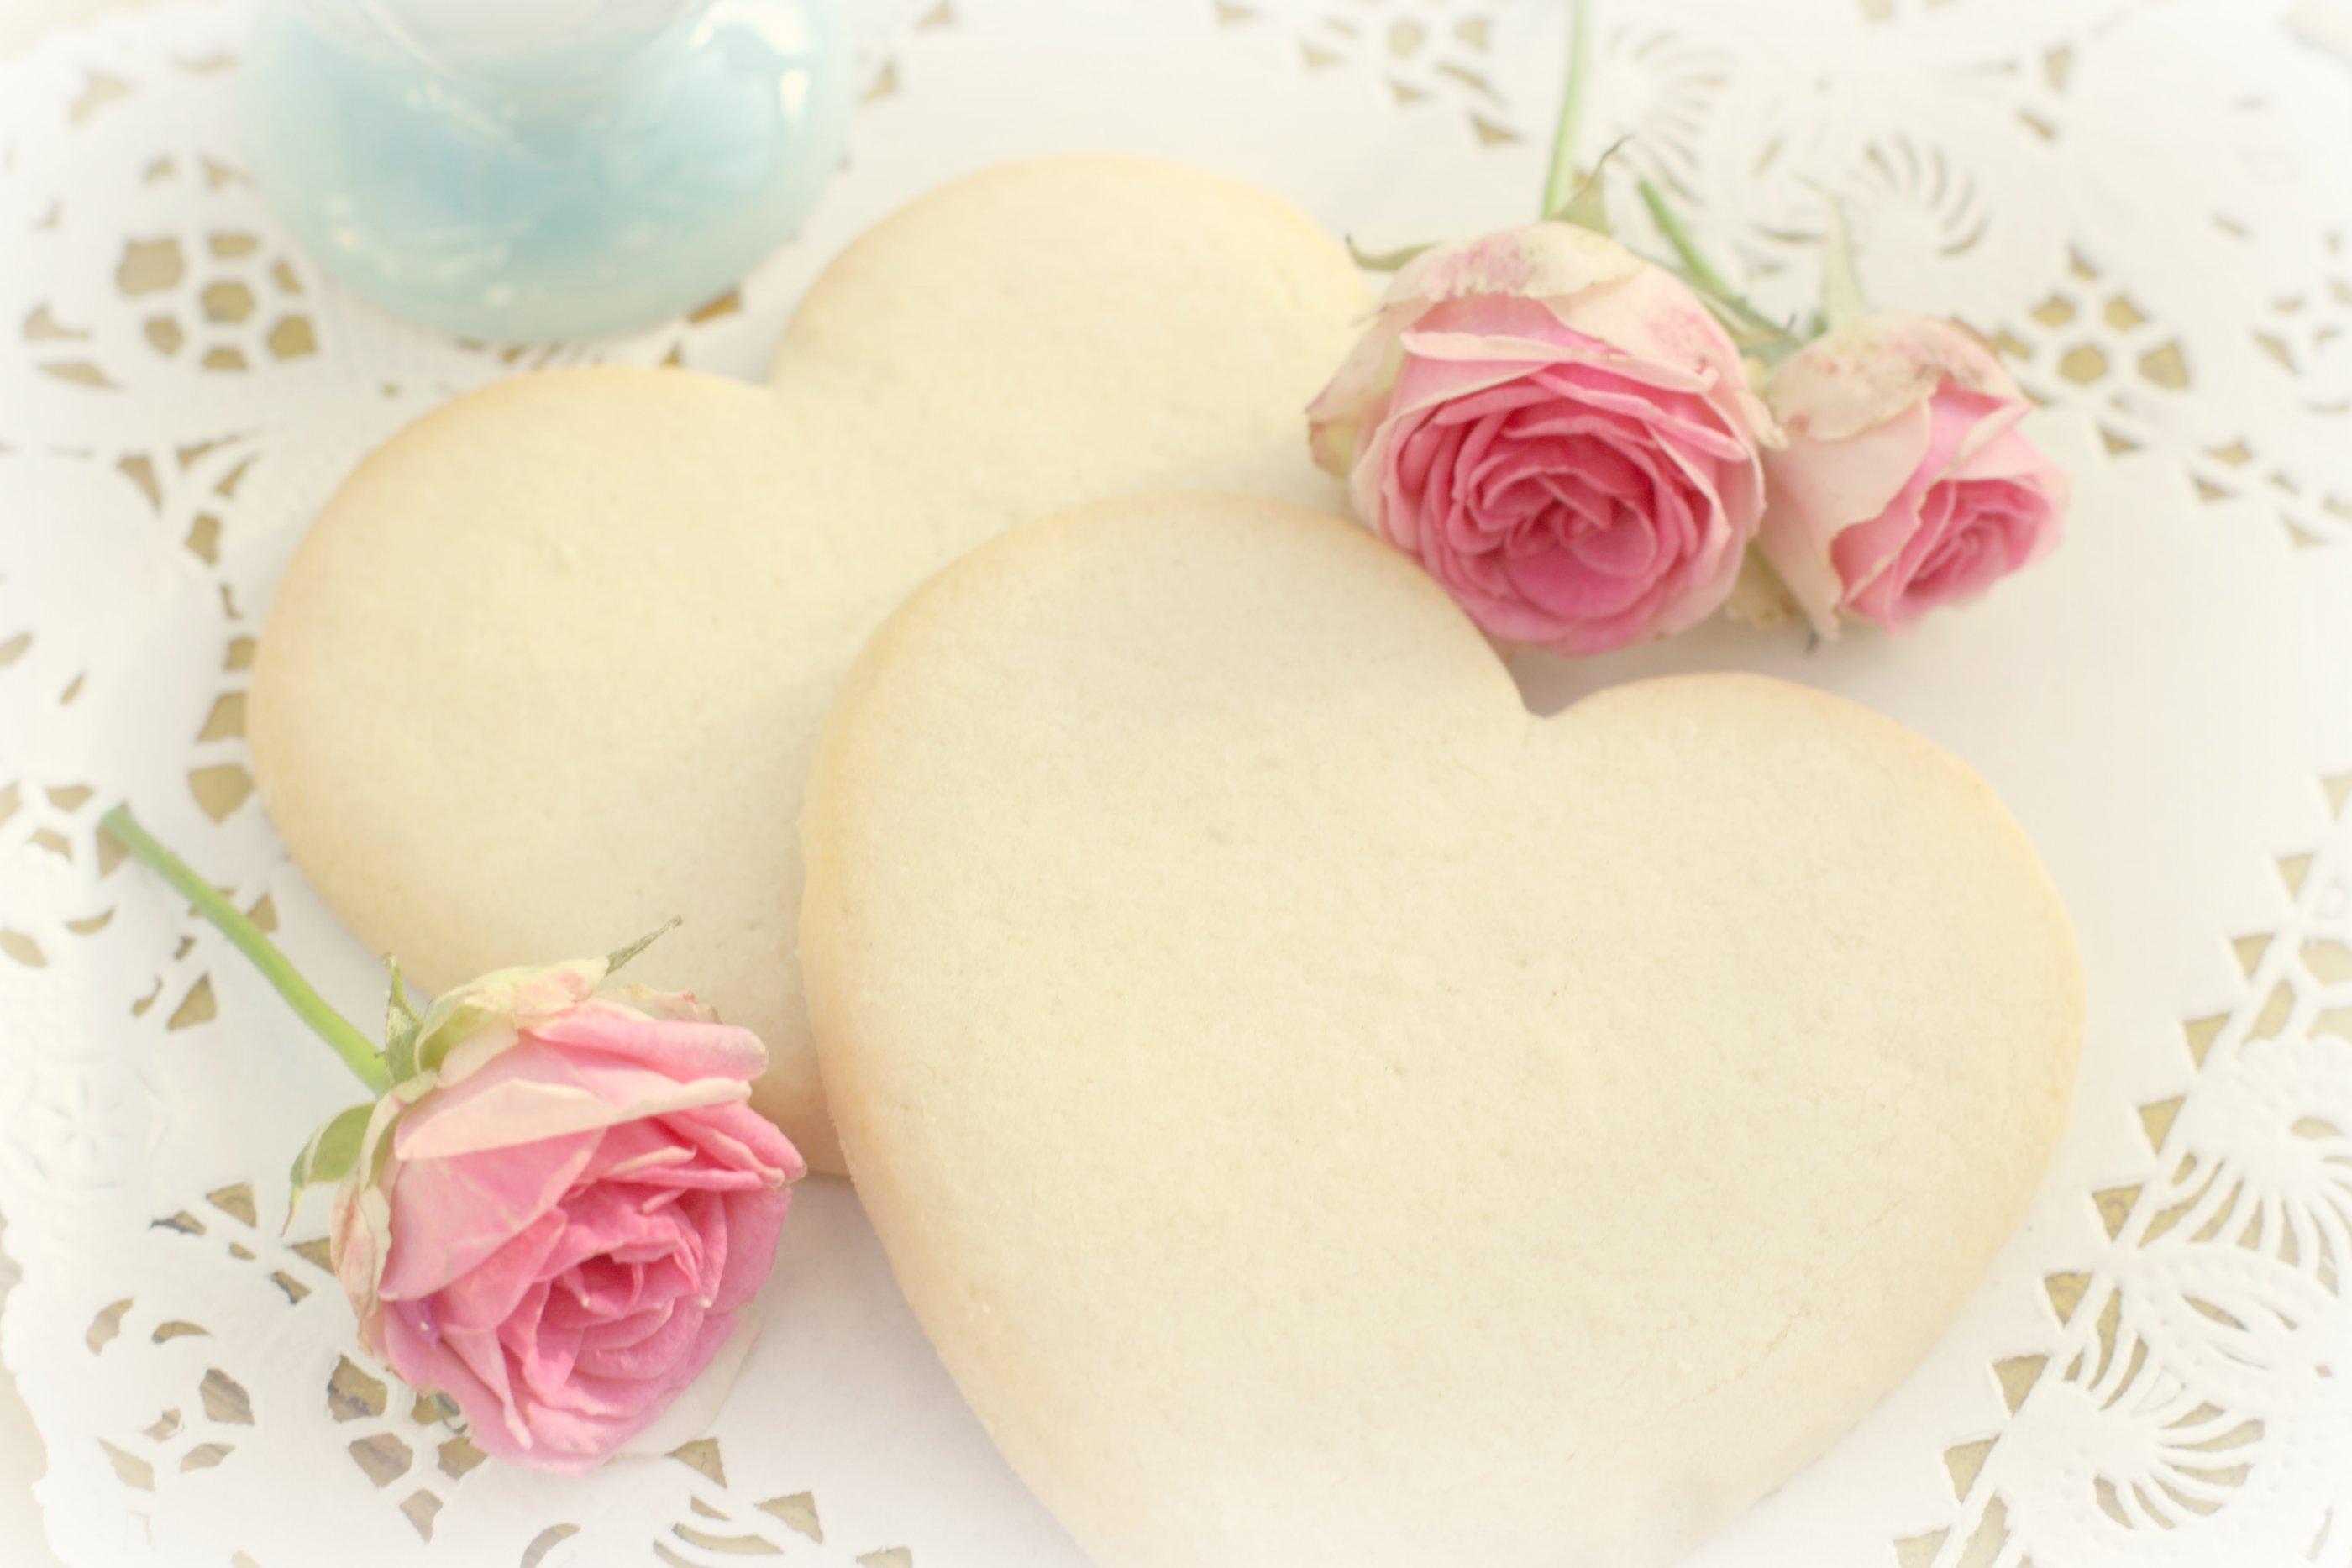 Милые и нежные картинки о любви